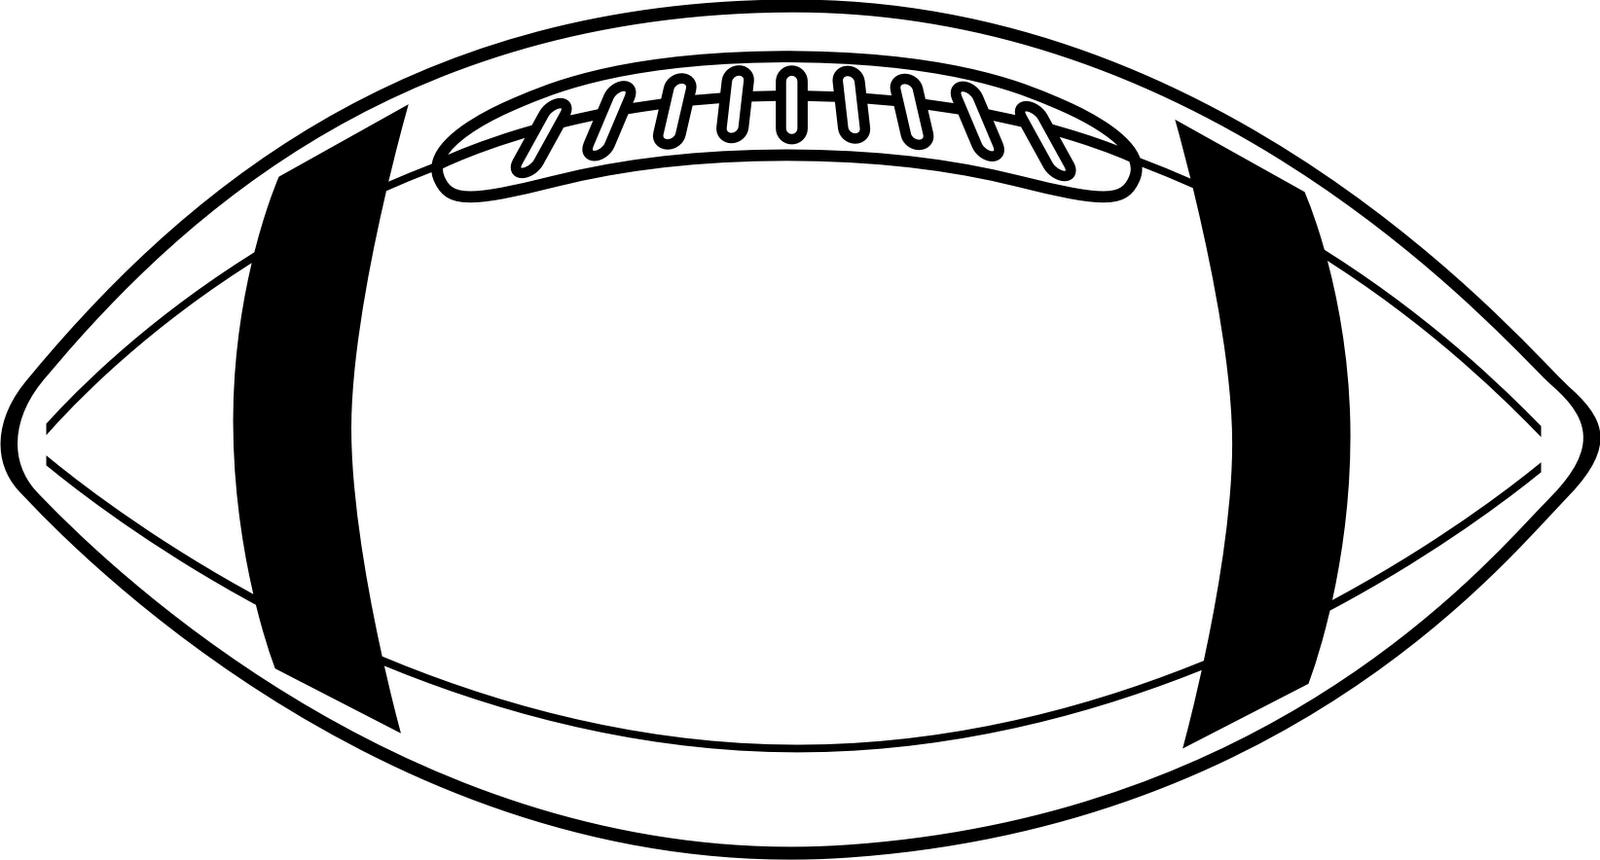 Football helmet clip art free 4